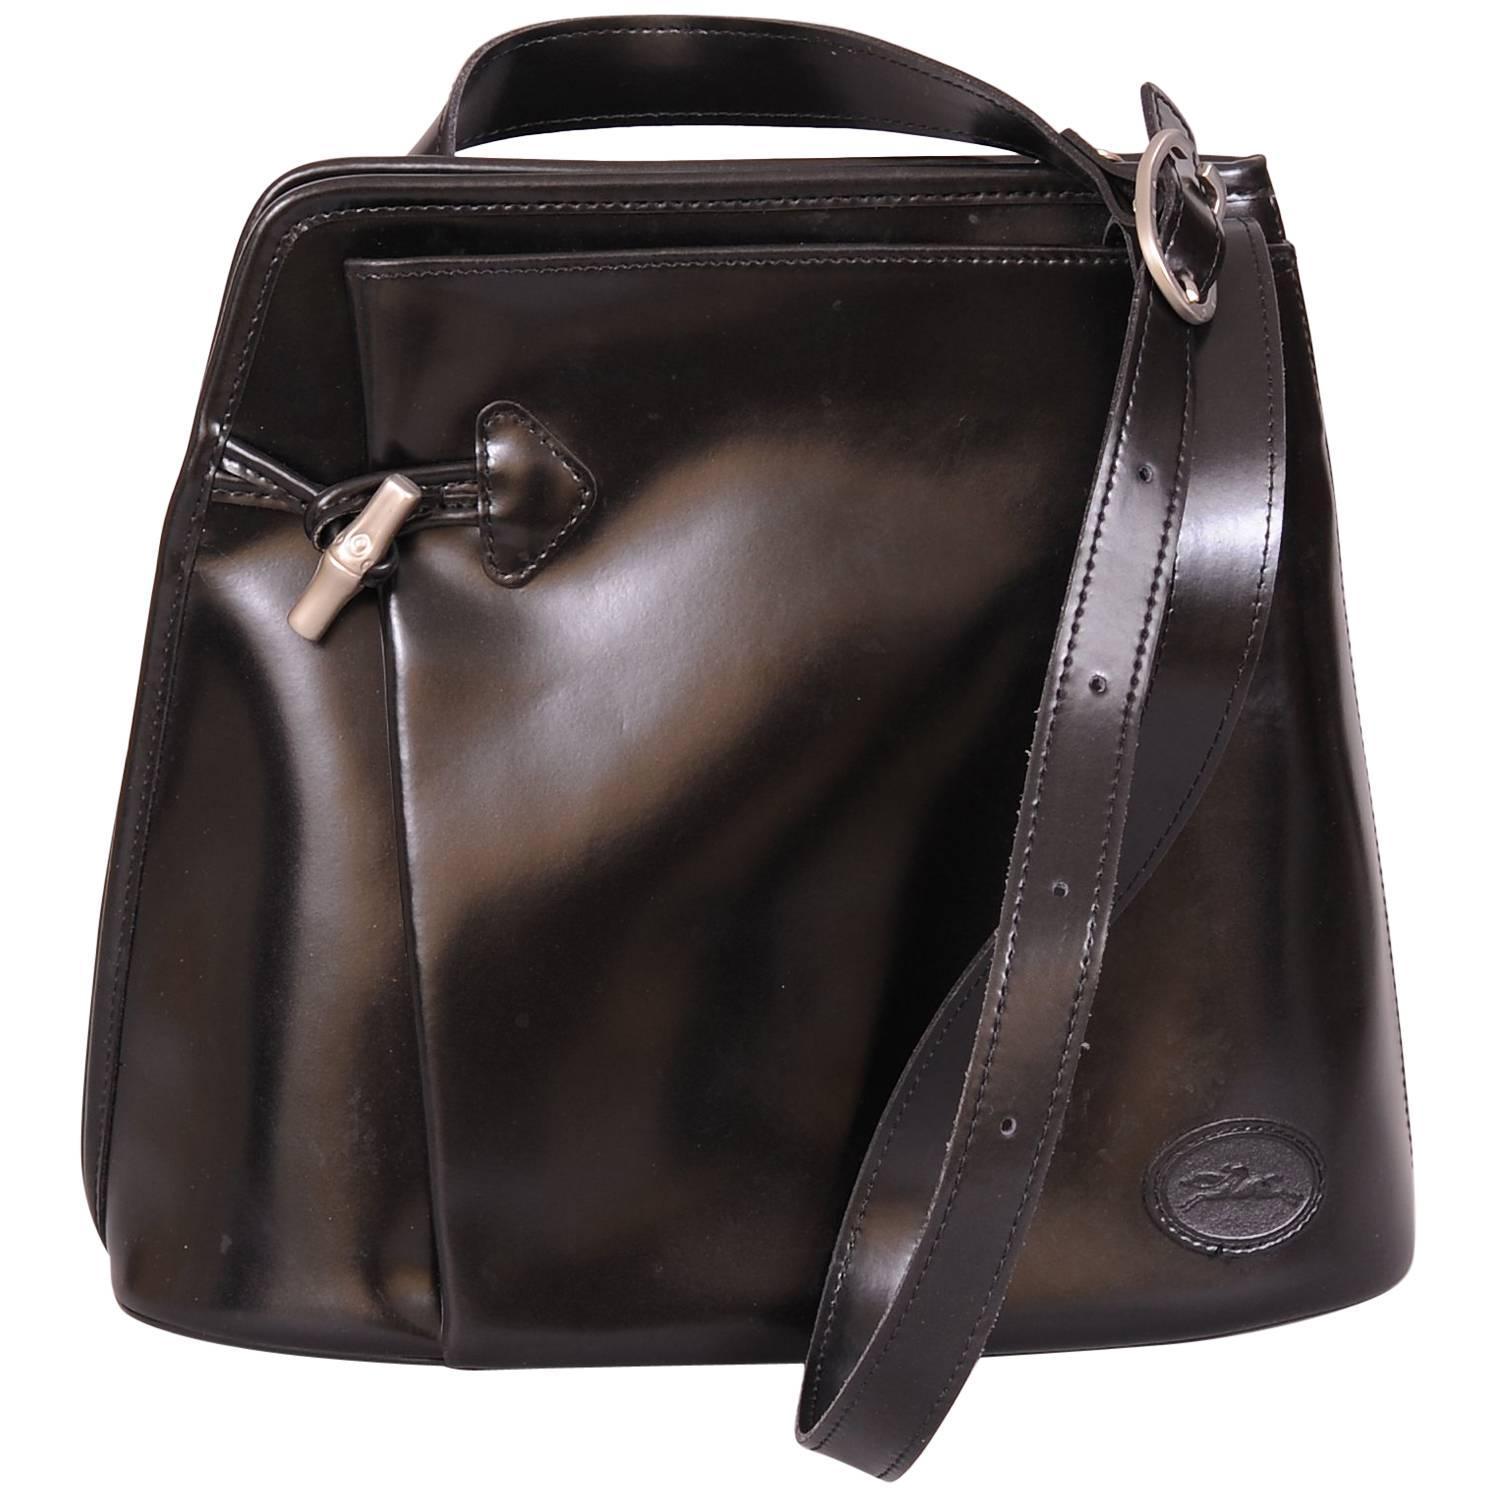 Longchamp Vintage Black Leather Shoulder Bag, Unusual Zipper Opening